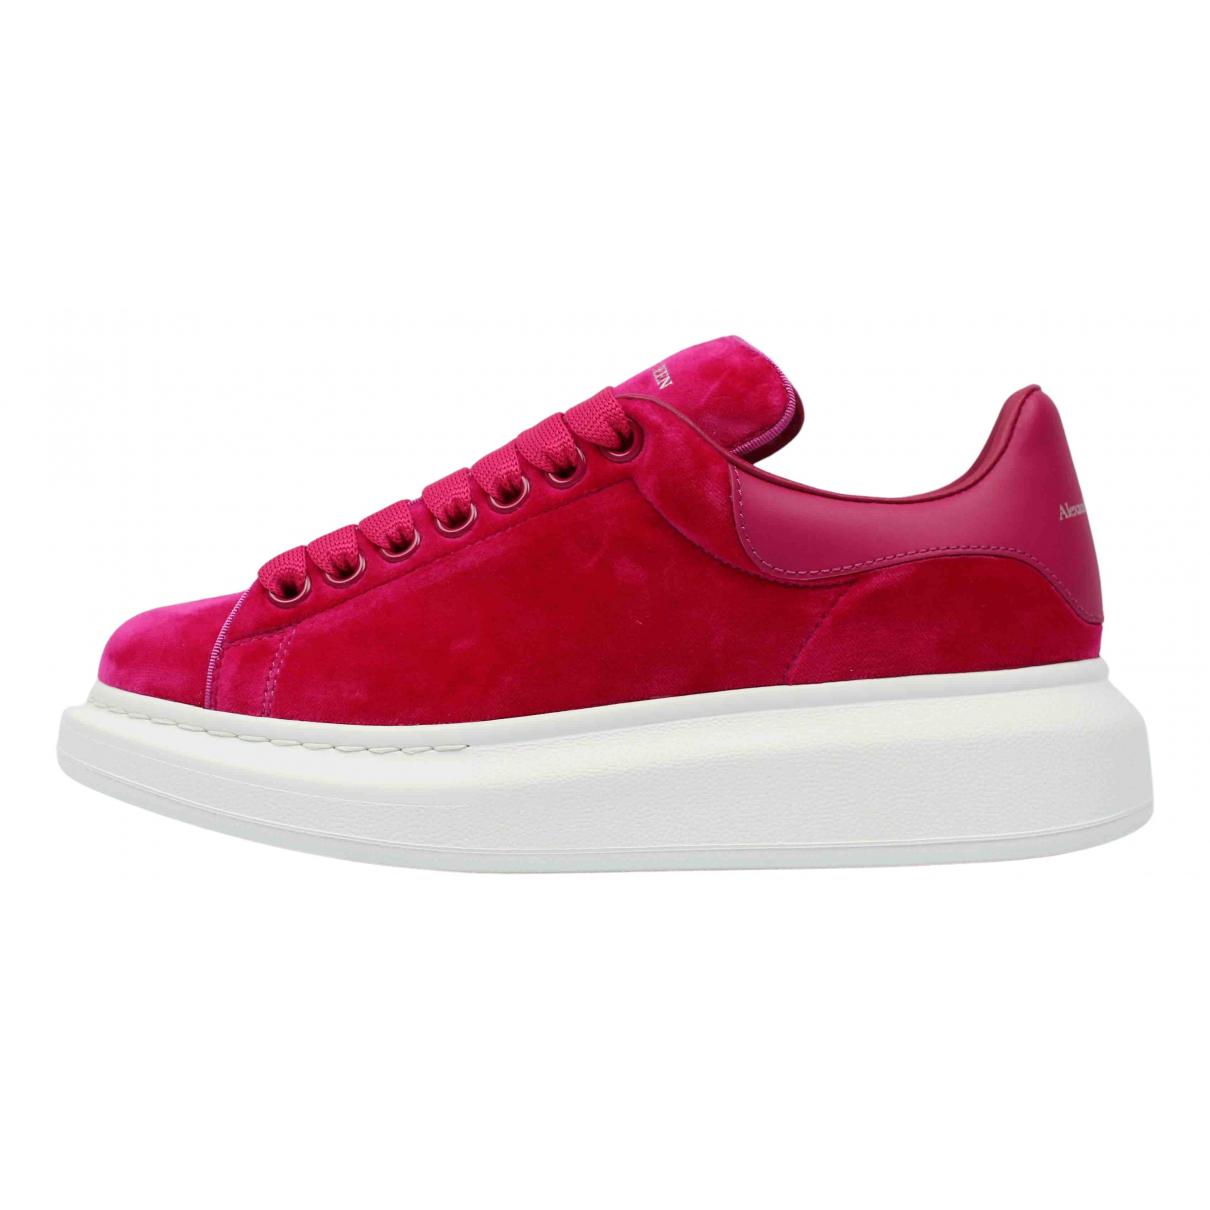 Alexander Mcqueen Oversize Pink Velvet Trainers for Women 40 EU